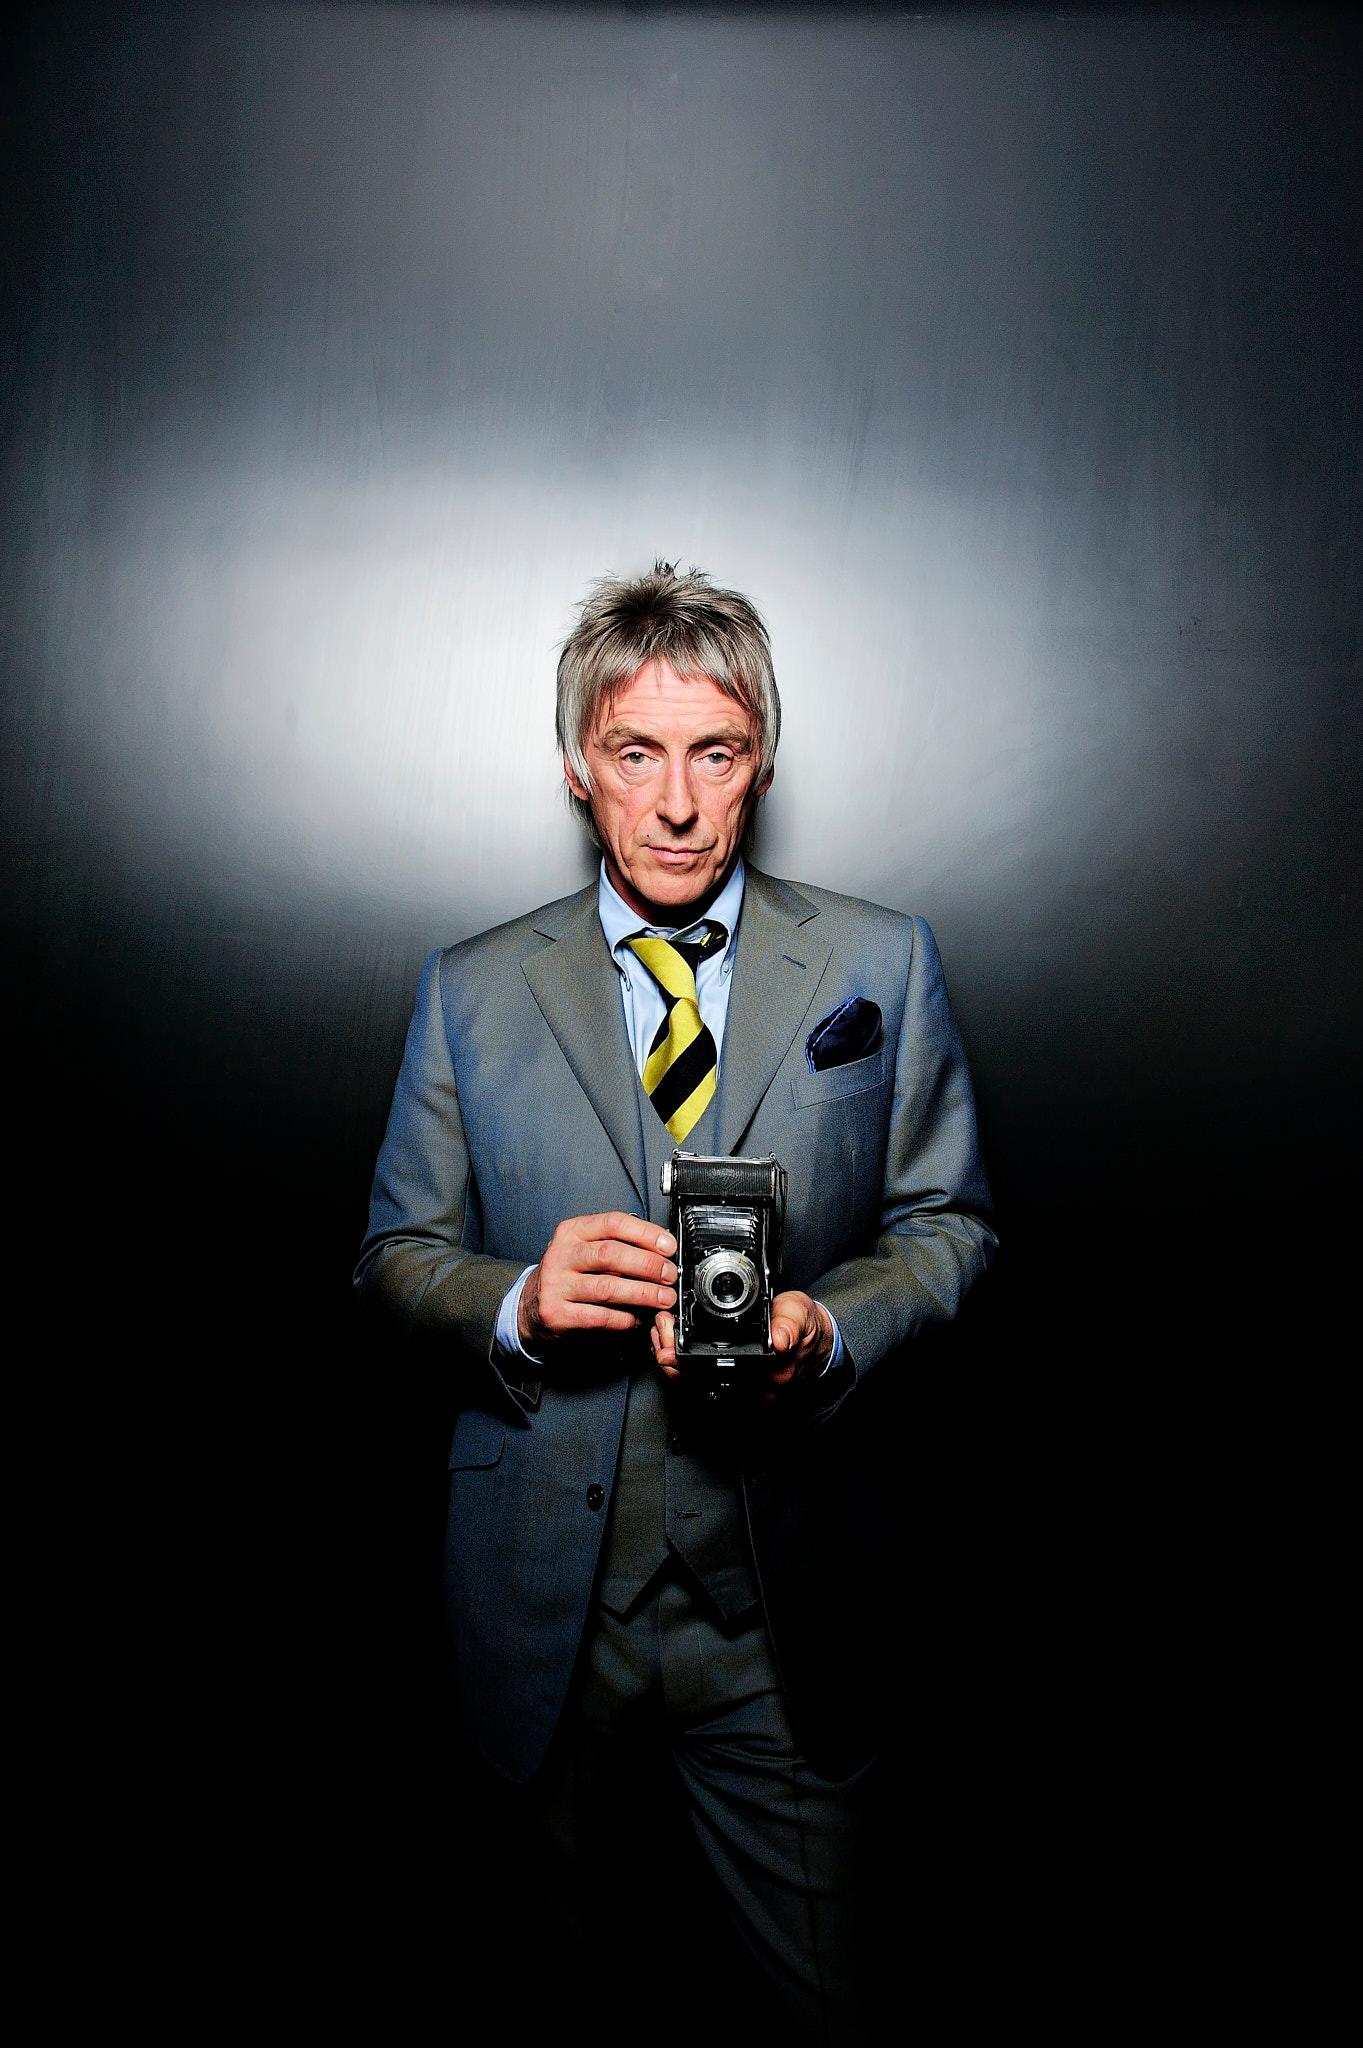 TODO-Paul Weller_030-93